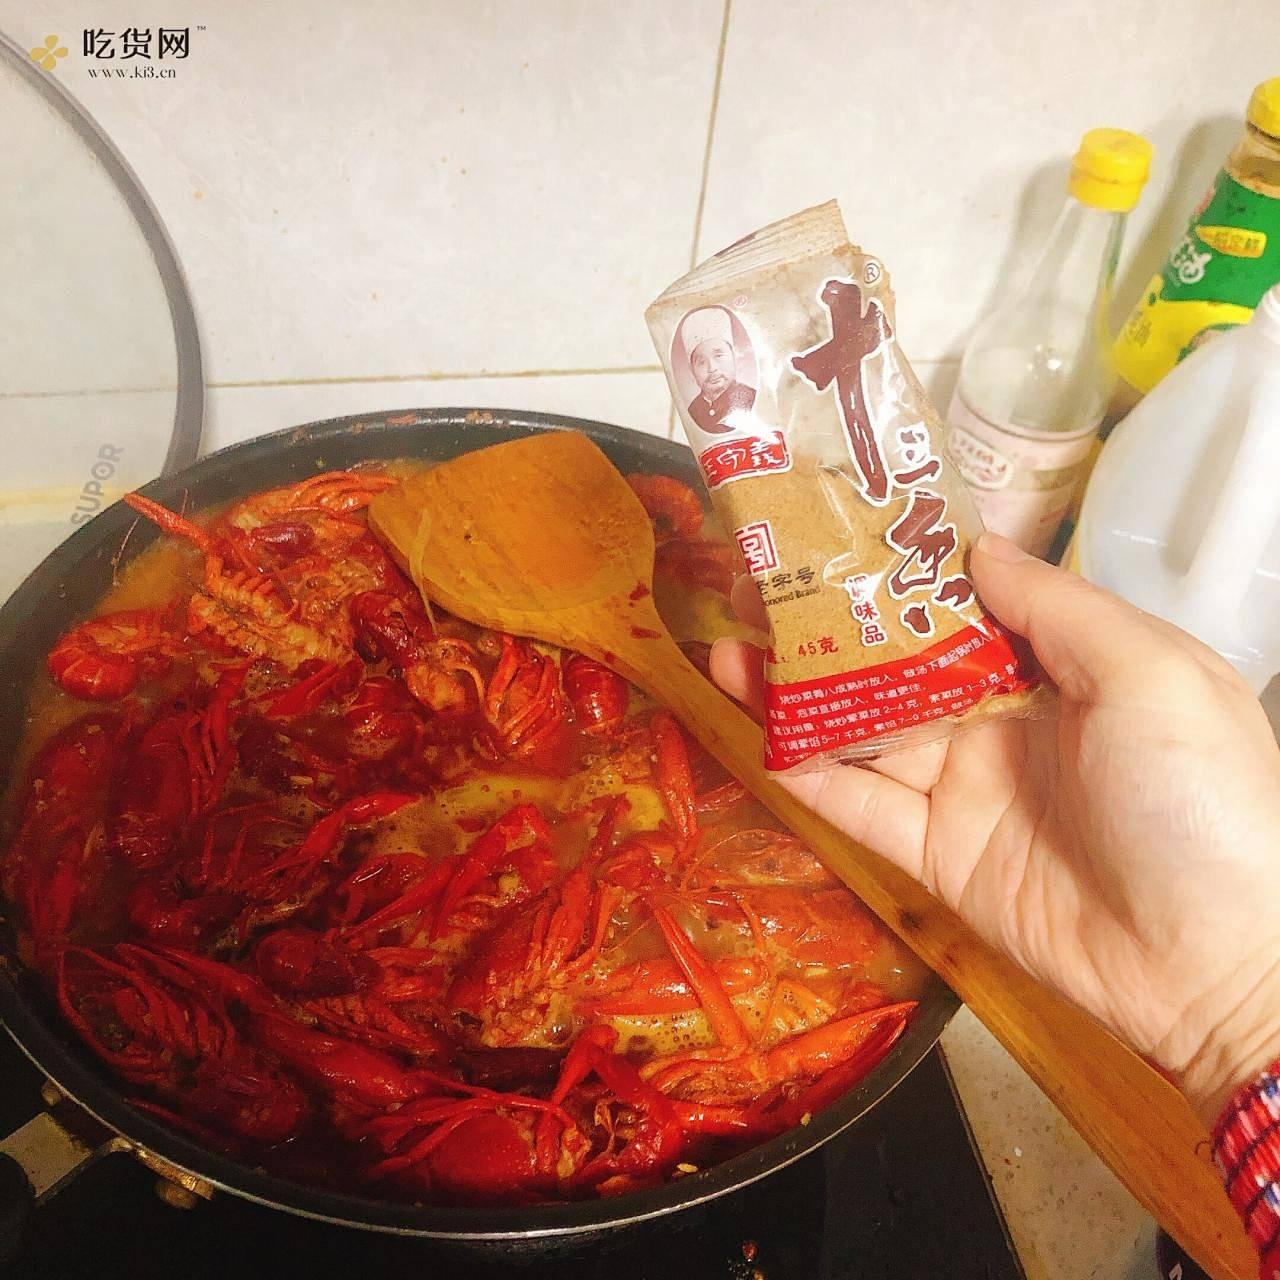 麻辣小龙虾(秒杀龙虾店)的做法 步骤11